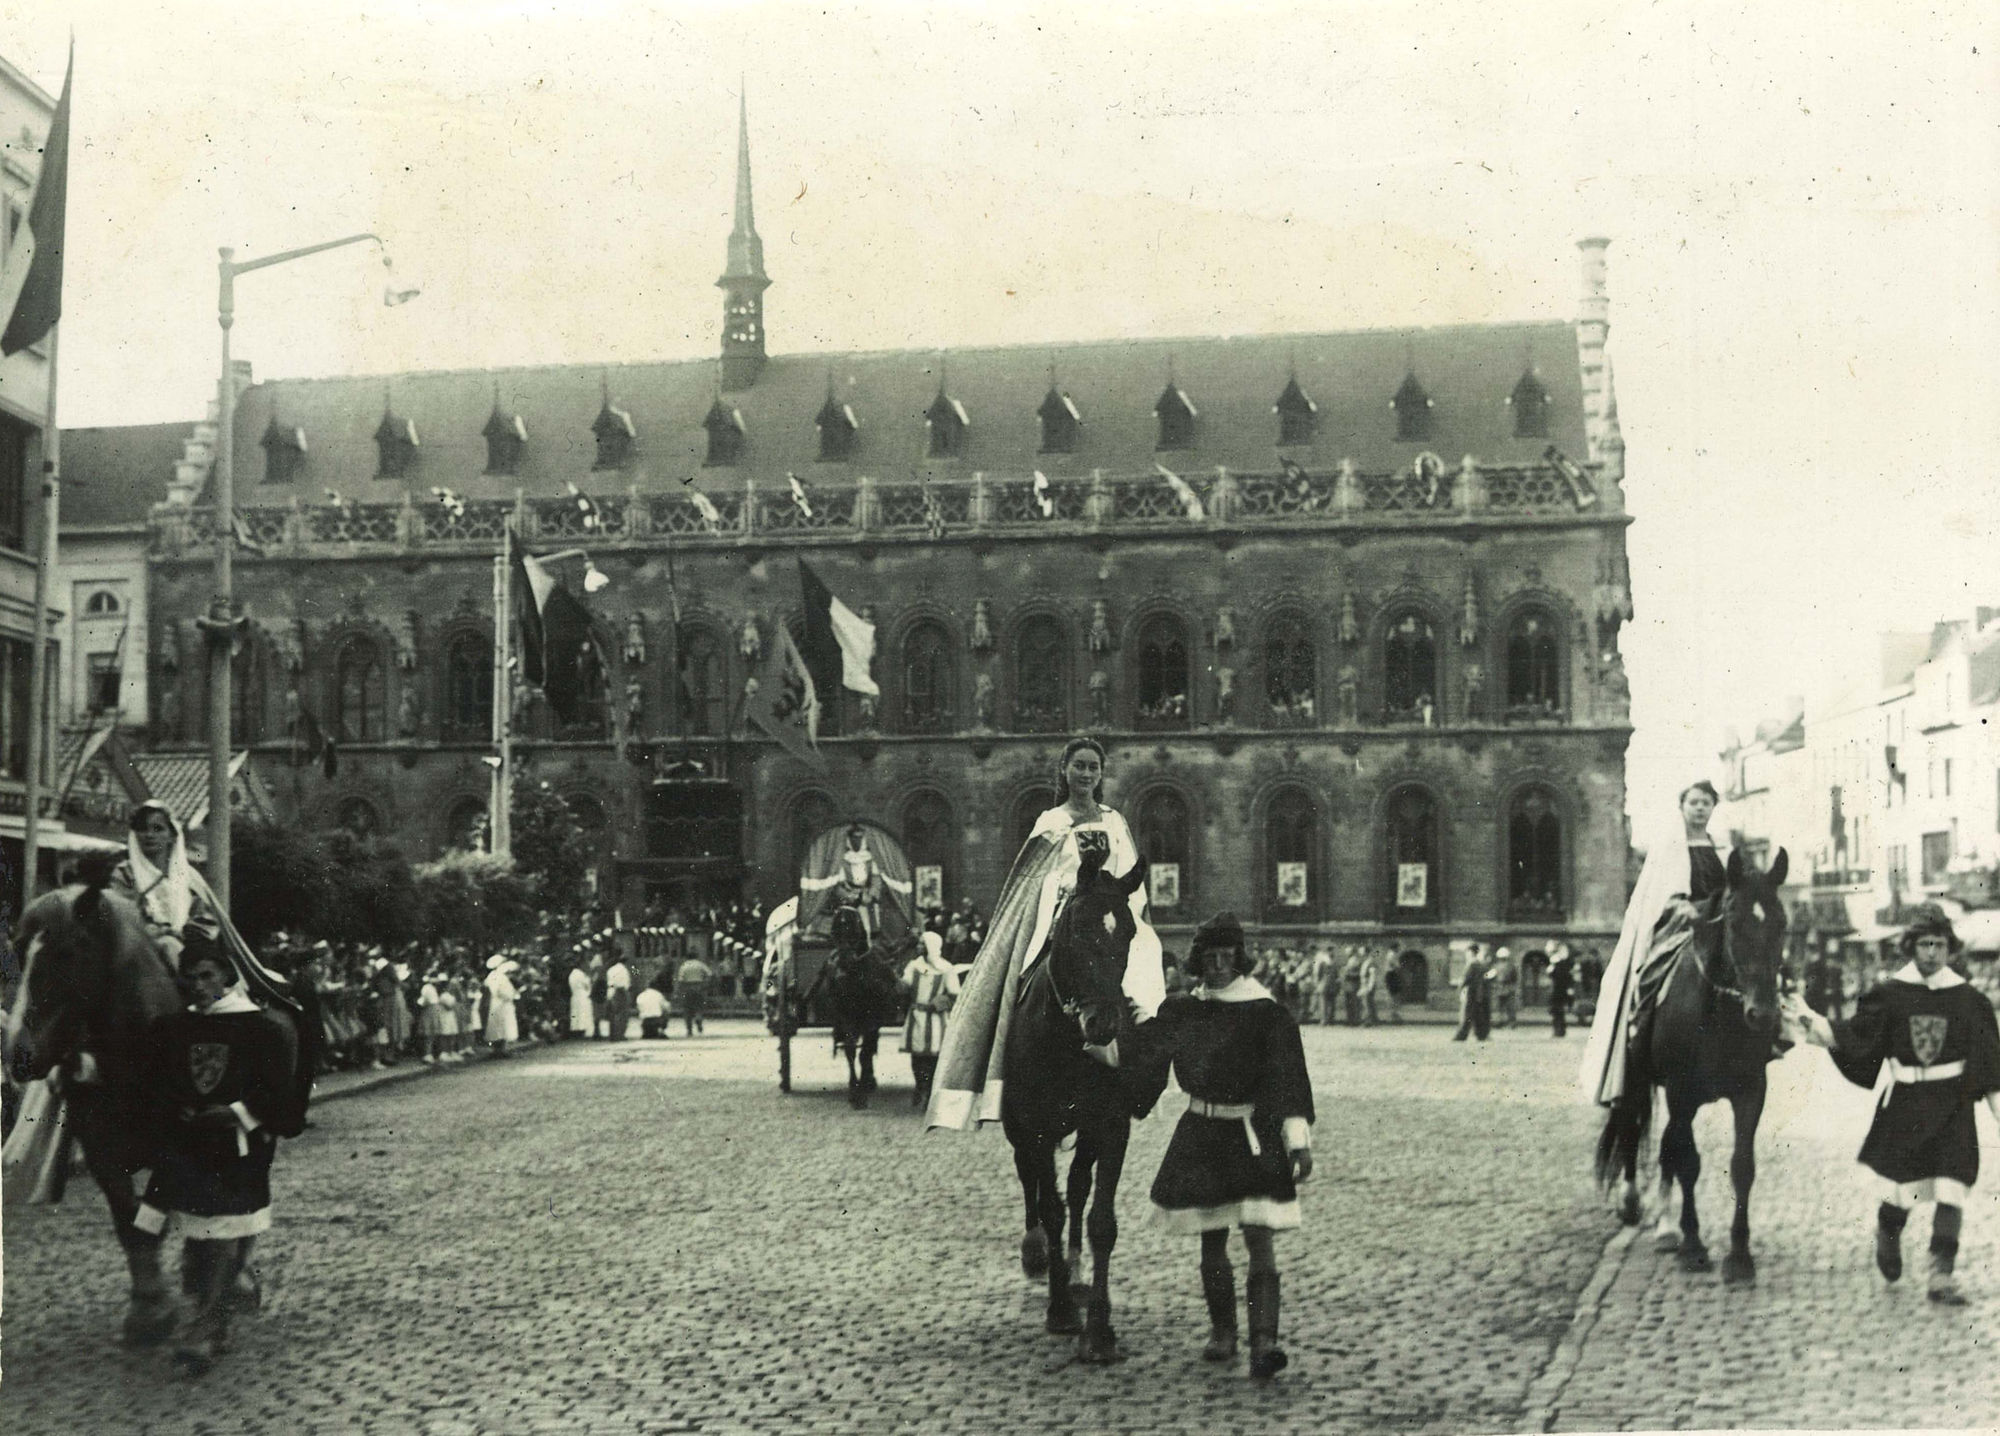 Guldensporenfeesten 1952